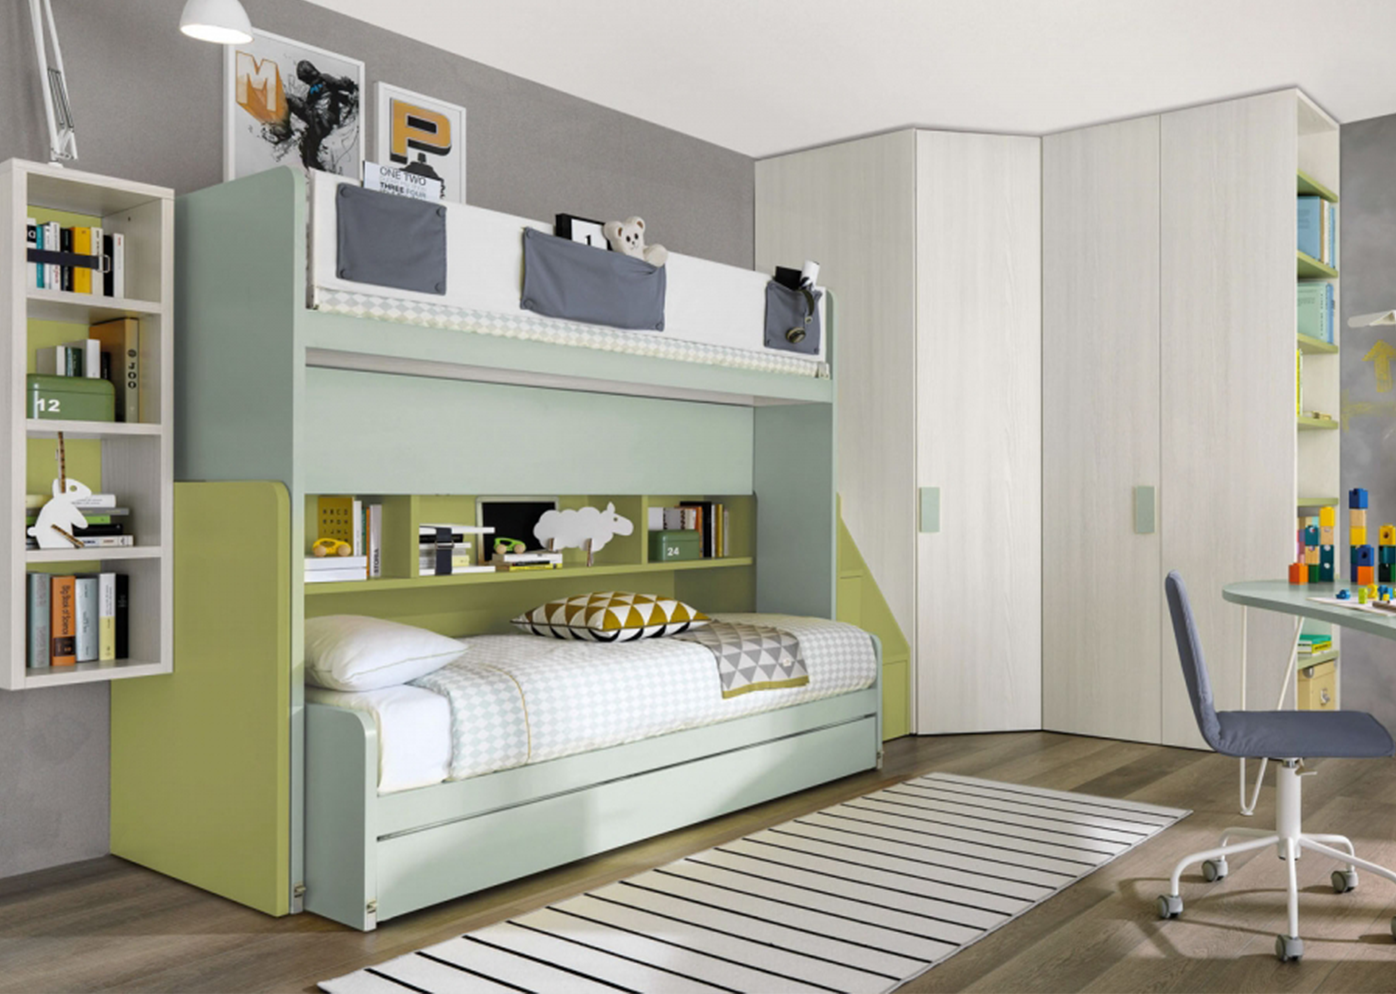 Mobili E Accessori Lissone camerette zalf lissone | habitat casa arredamento e mobili